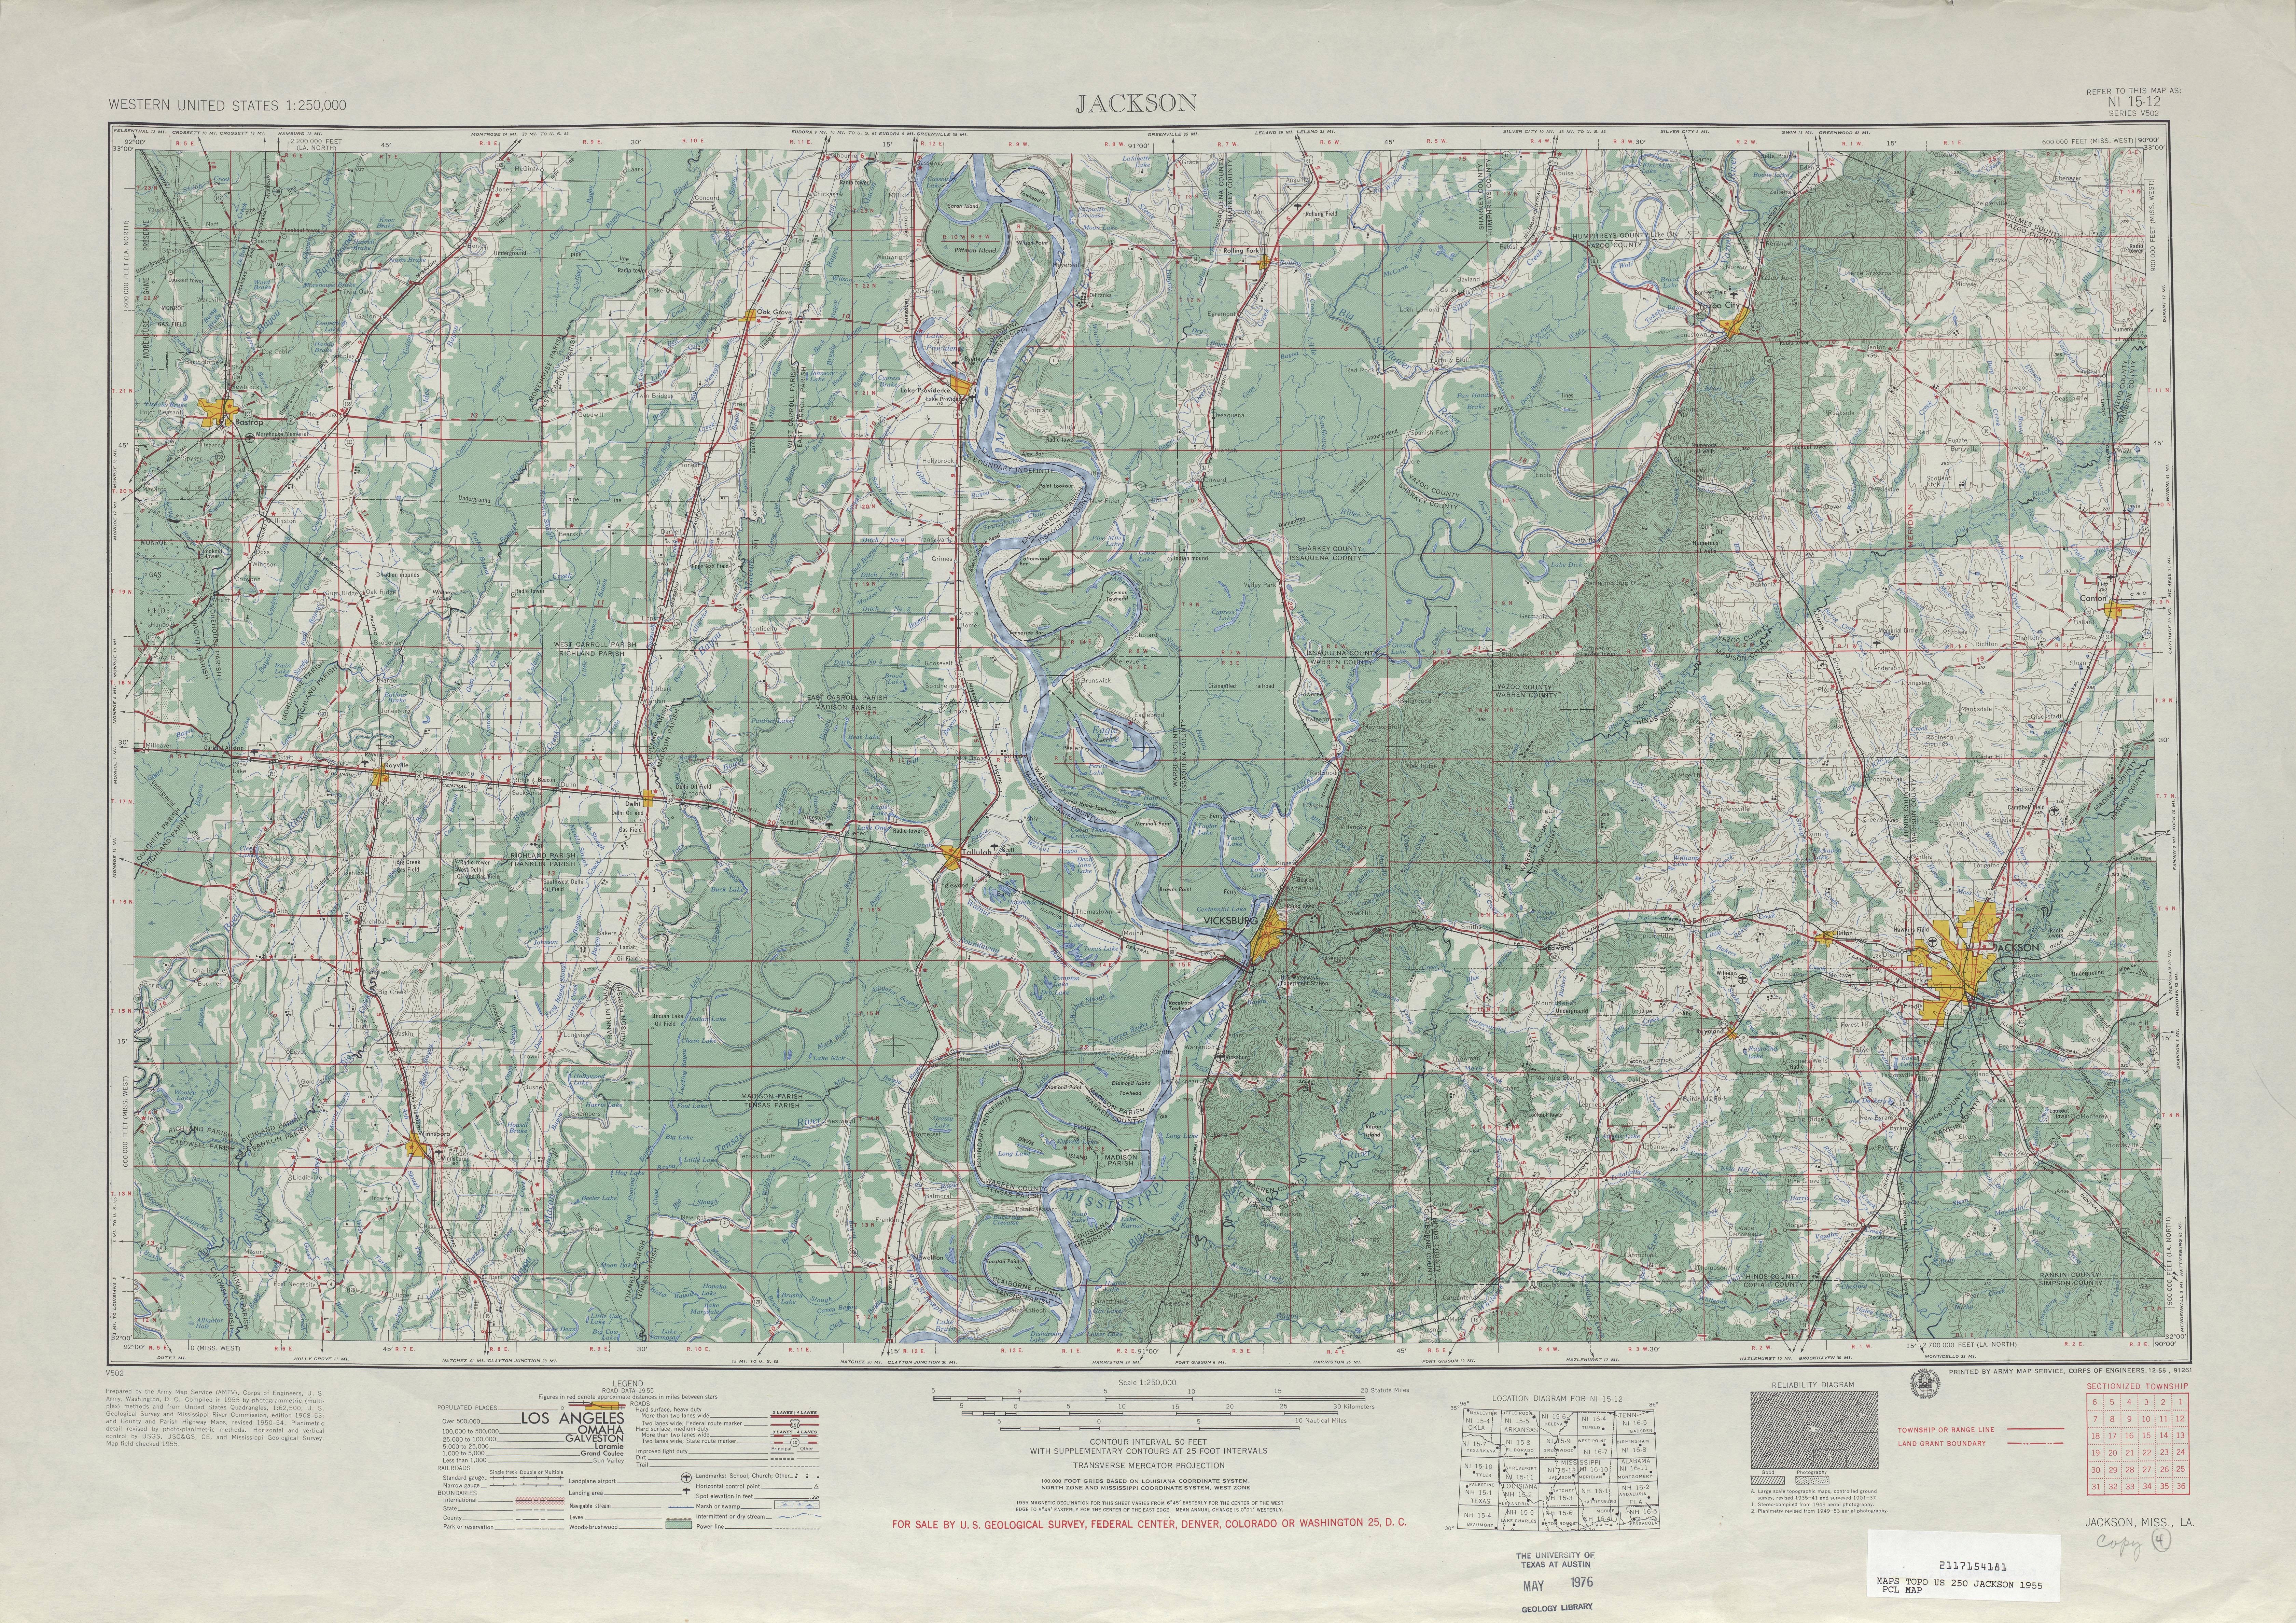 Hoja Jackson del Mapa Topográfico de los Estados Unidos 1955